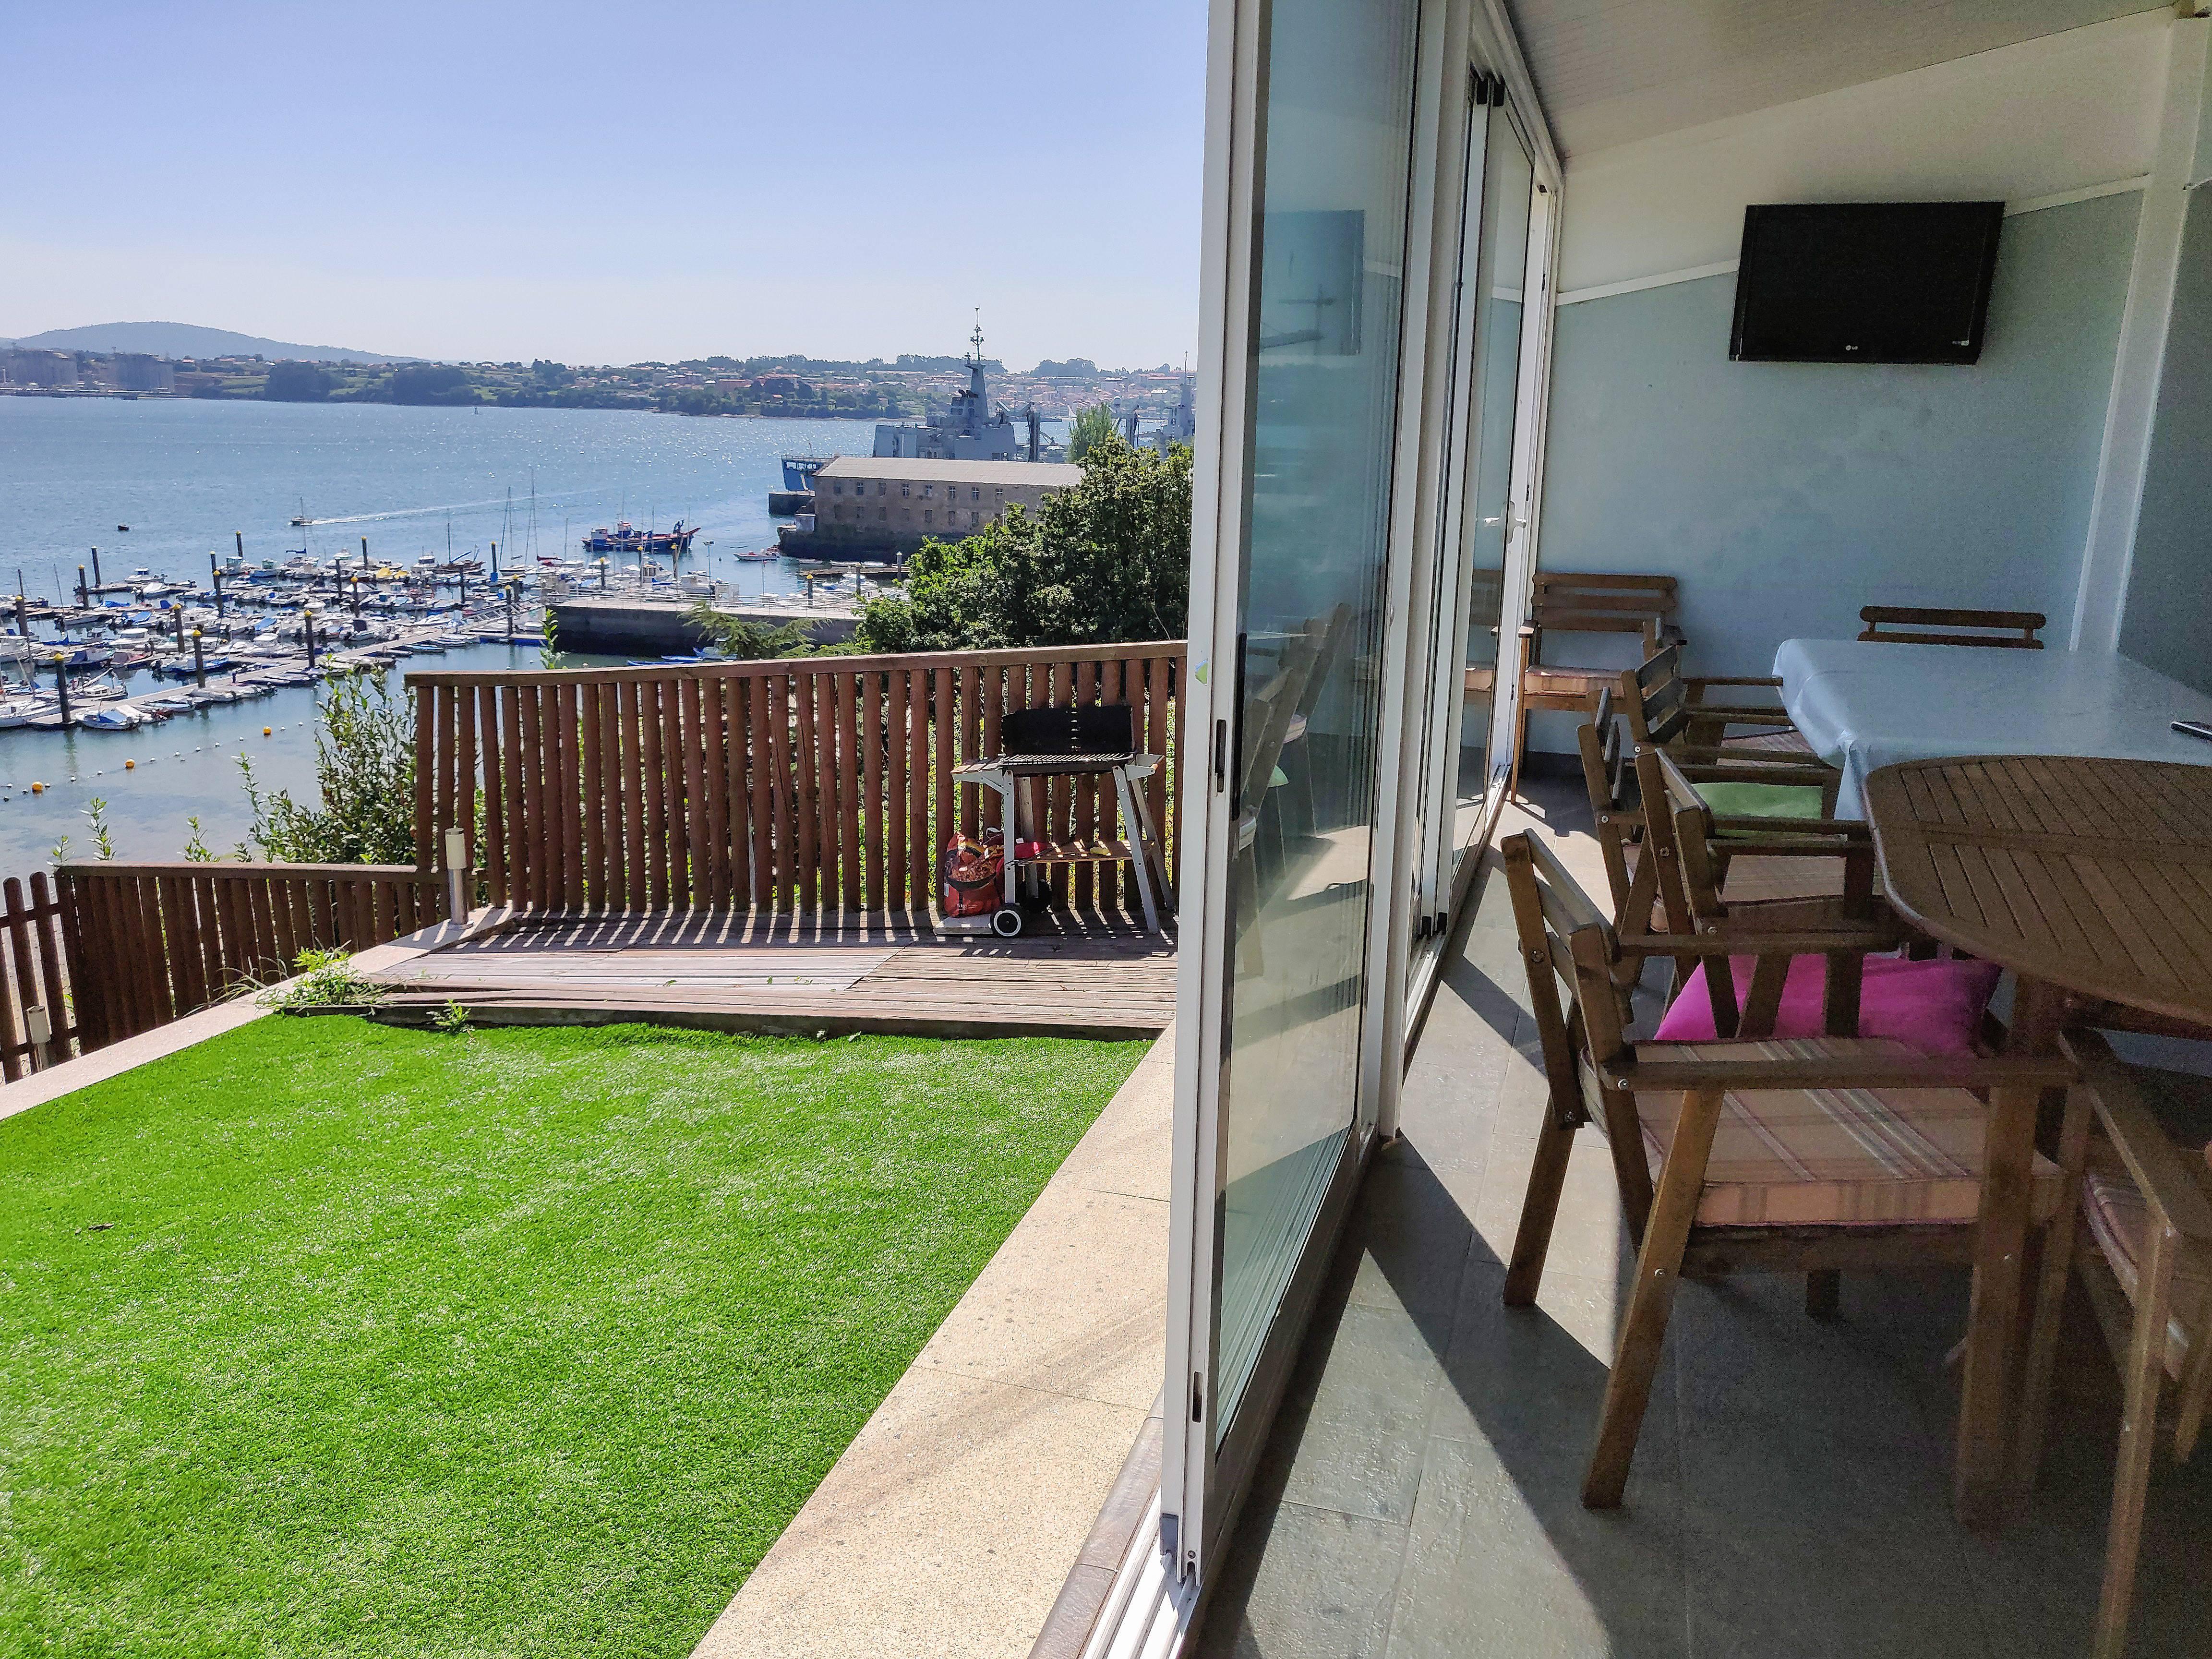 Alquiler Apartamentos Vacacionales En Ferrol A Coruna La Coruna Y